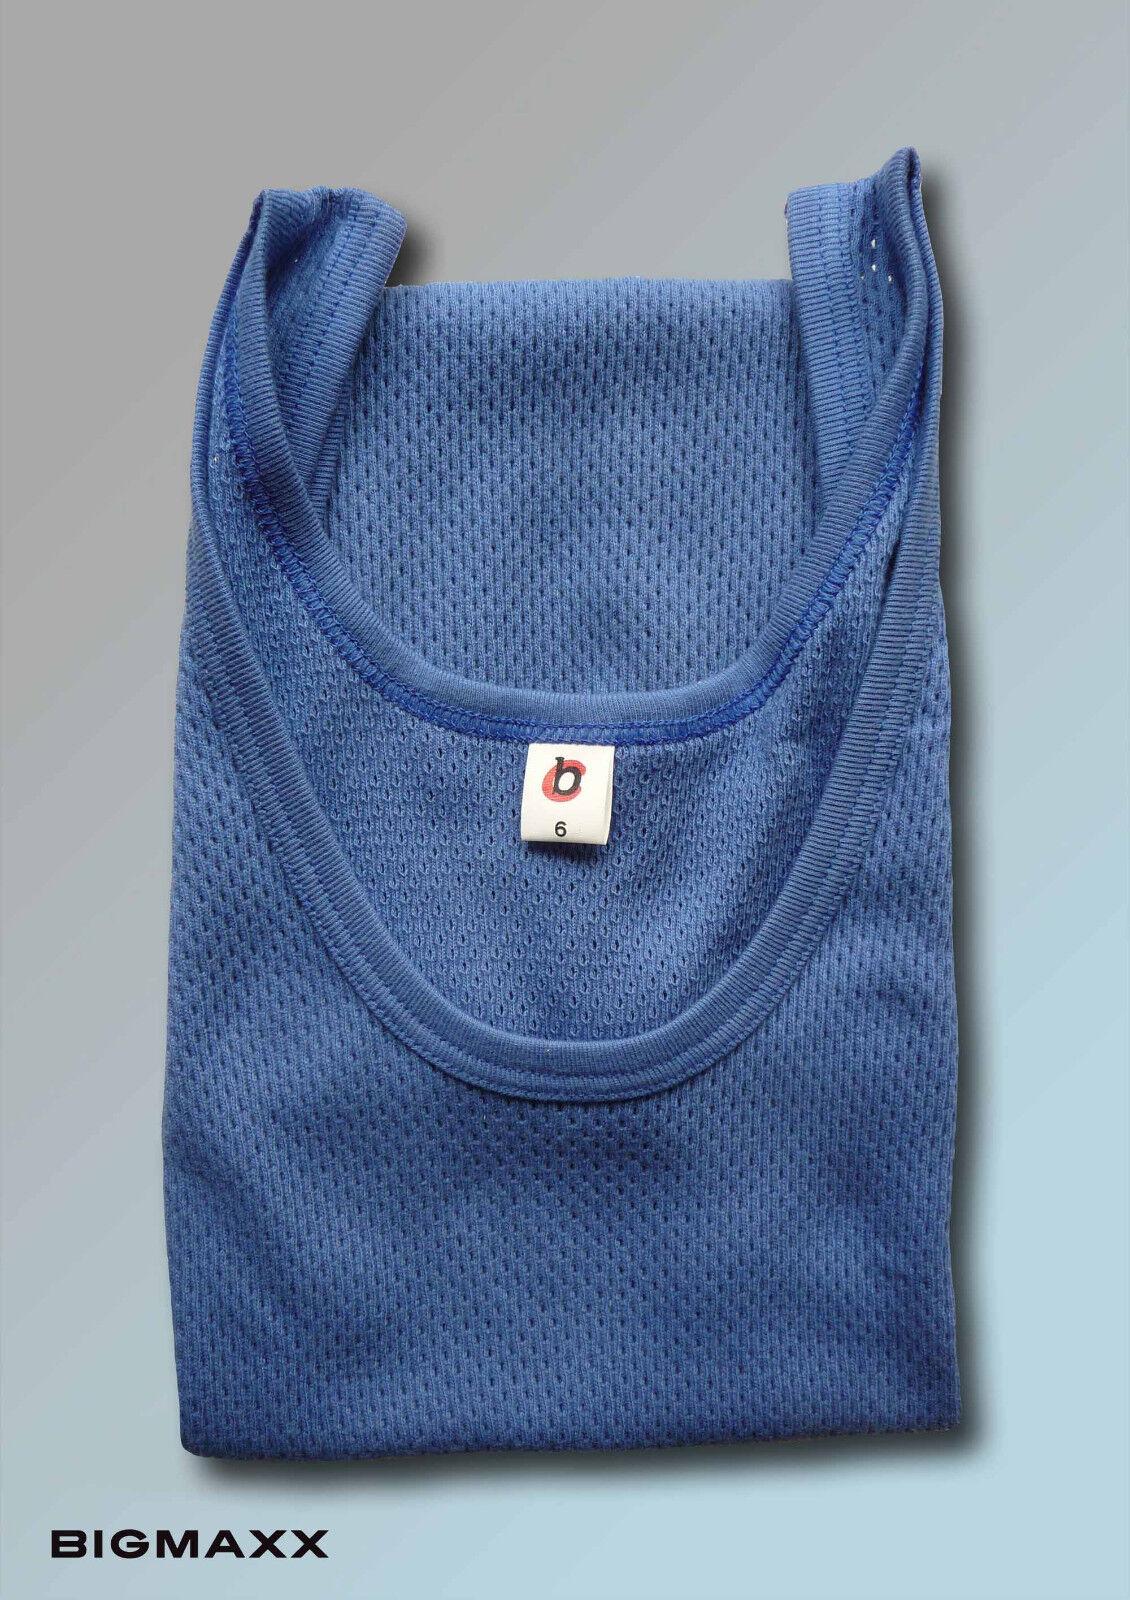 Bienvenue dans la nouvelle boutique en les trois étapes pour célébrer les en quatre auspicieux 6ER SET maillots de Corps Hommes Bleu rippunterhemd Haut sous-vêteHommes t 19bbf2